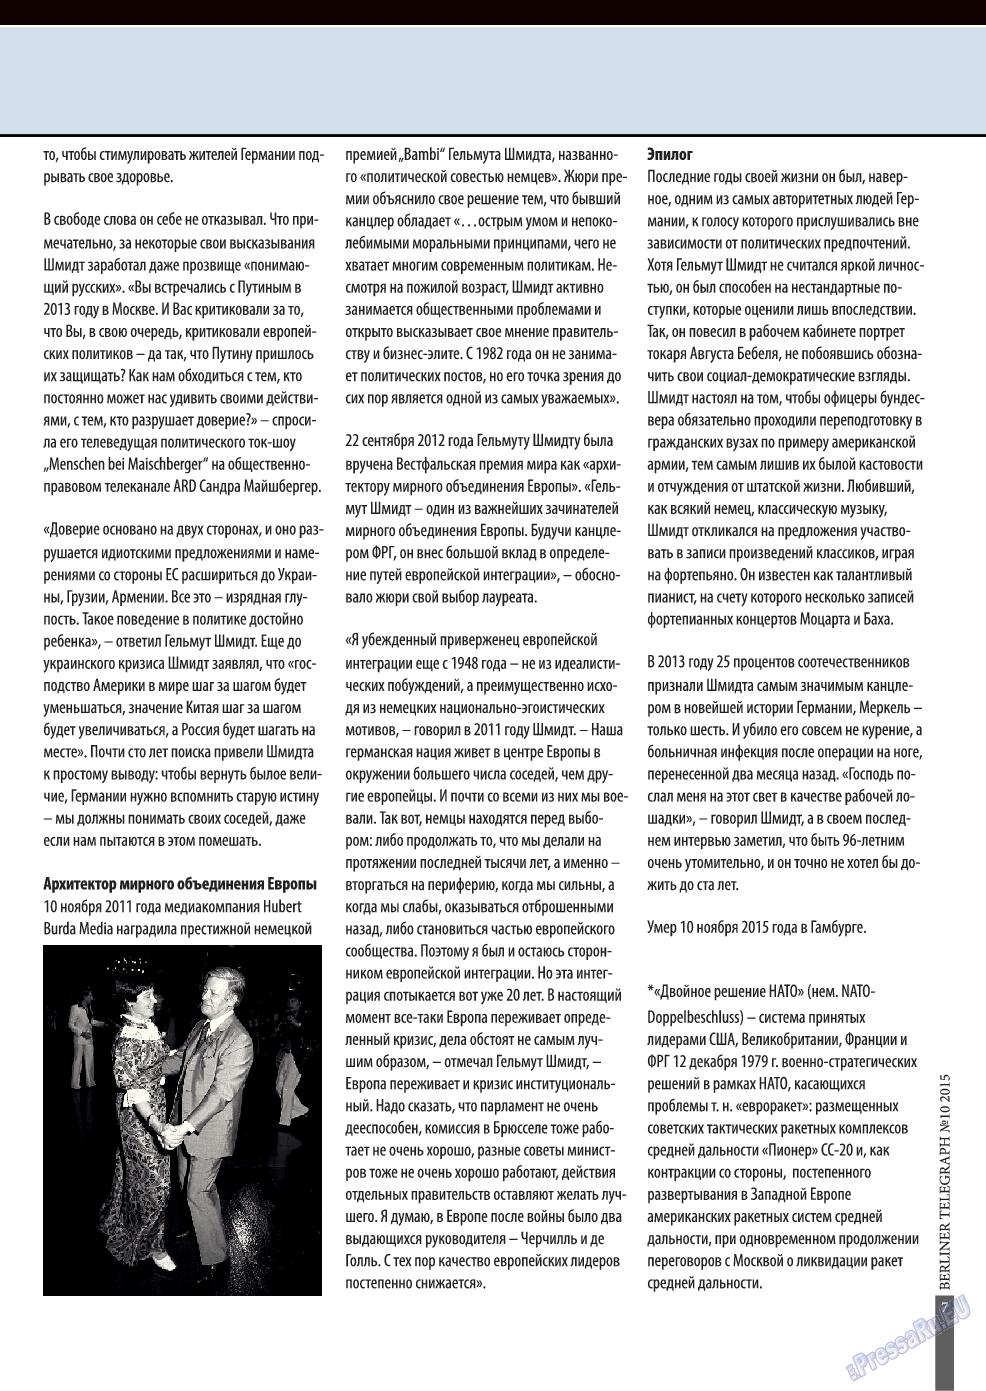 Берлинский телеграф (журнал). 2015 год, номер 11, стр. 7